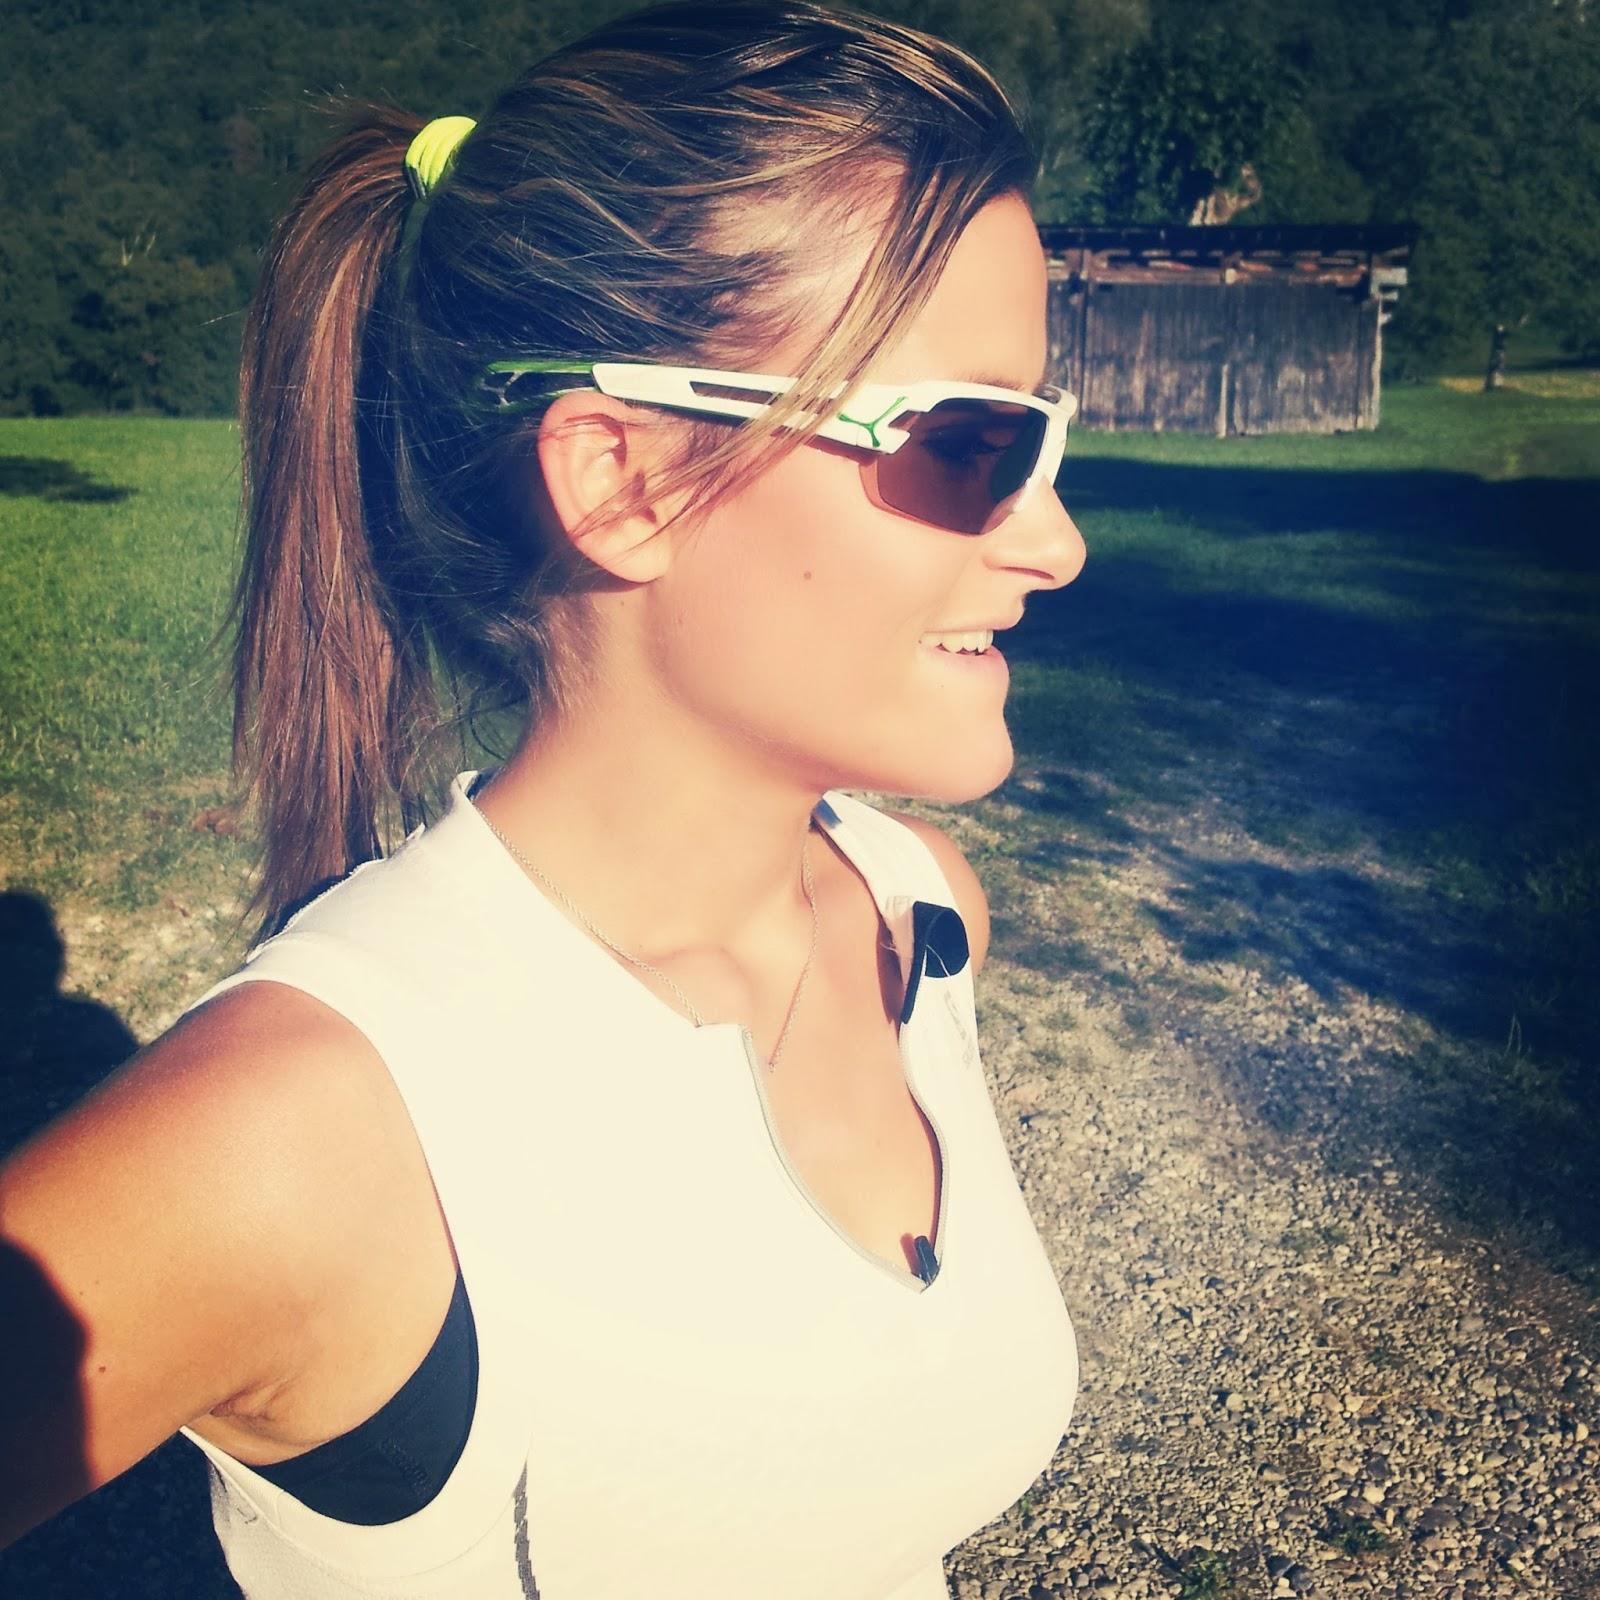 Test des lunettes de soleil S Track Sébastien Chaigneau 6c3a6514f358